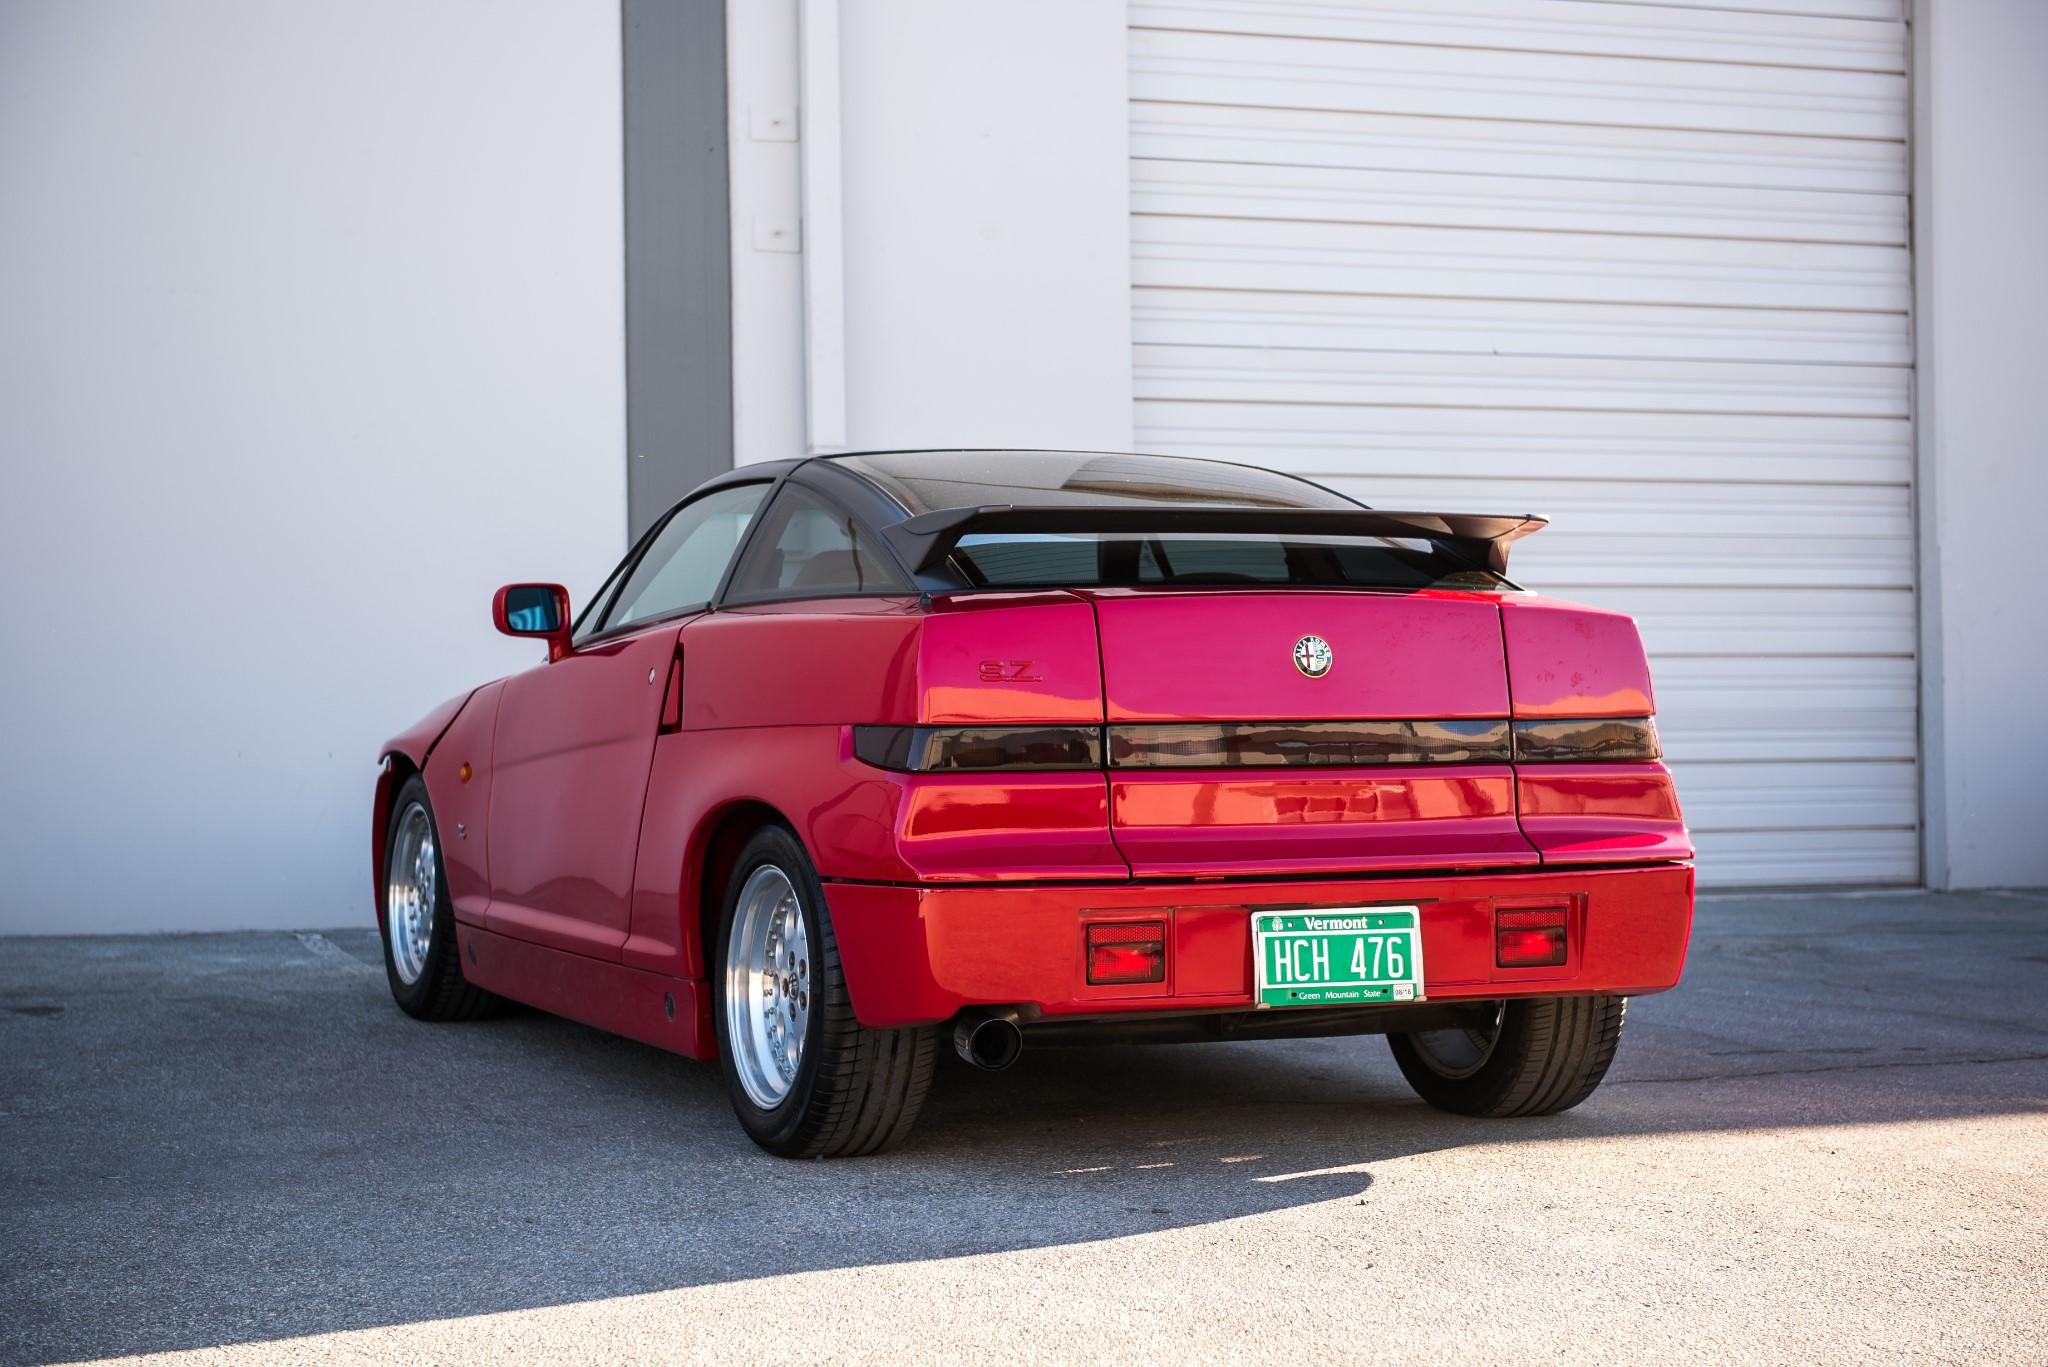 red 1991 Alfa Romeo SZ rear 3/4